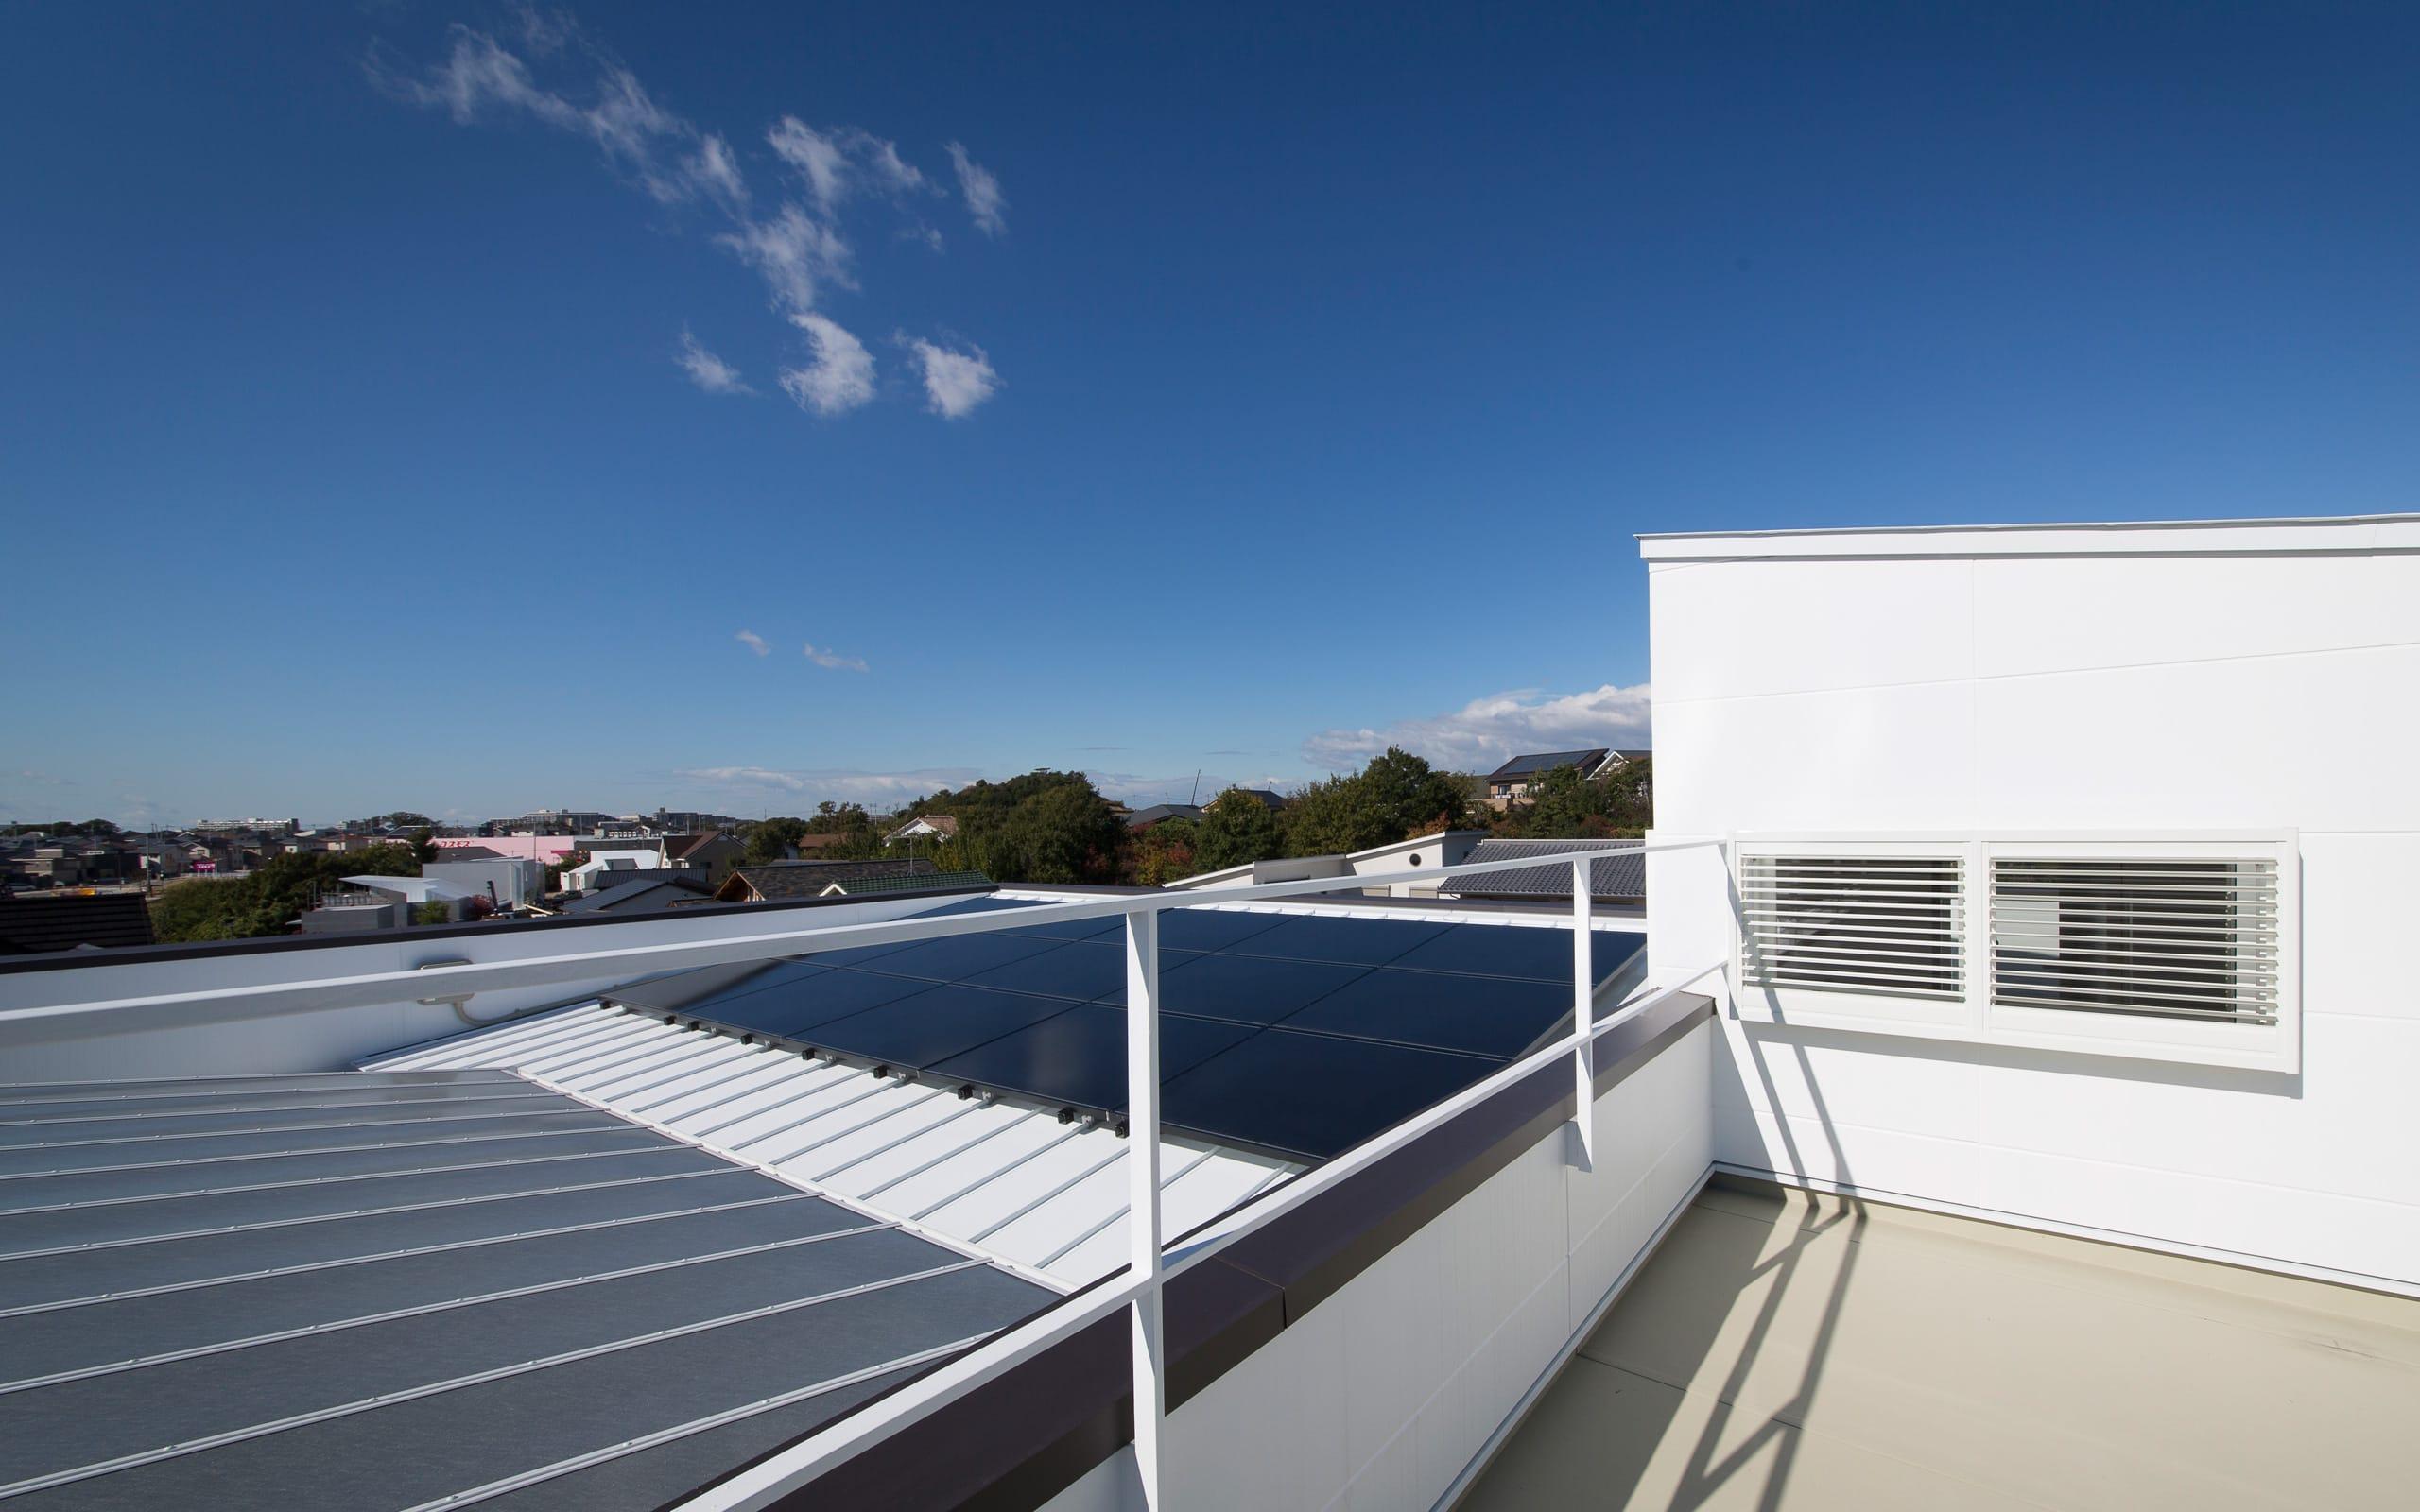 サンルームのある二世帯住宅の屋上・テラス2